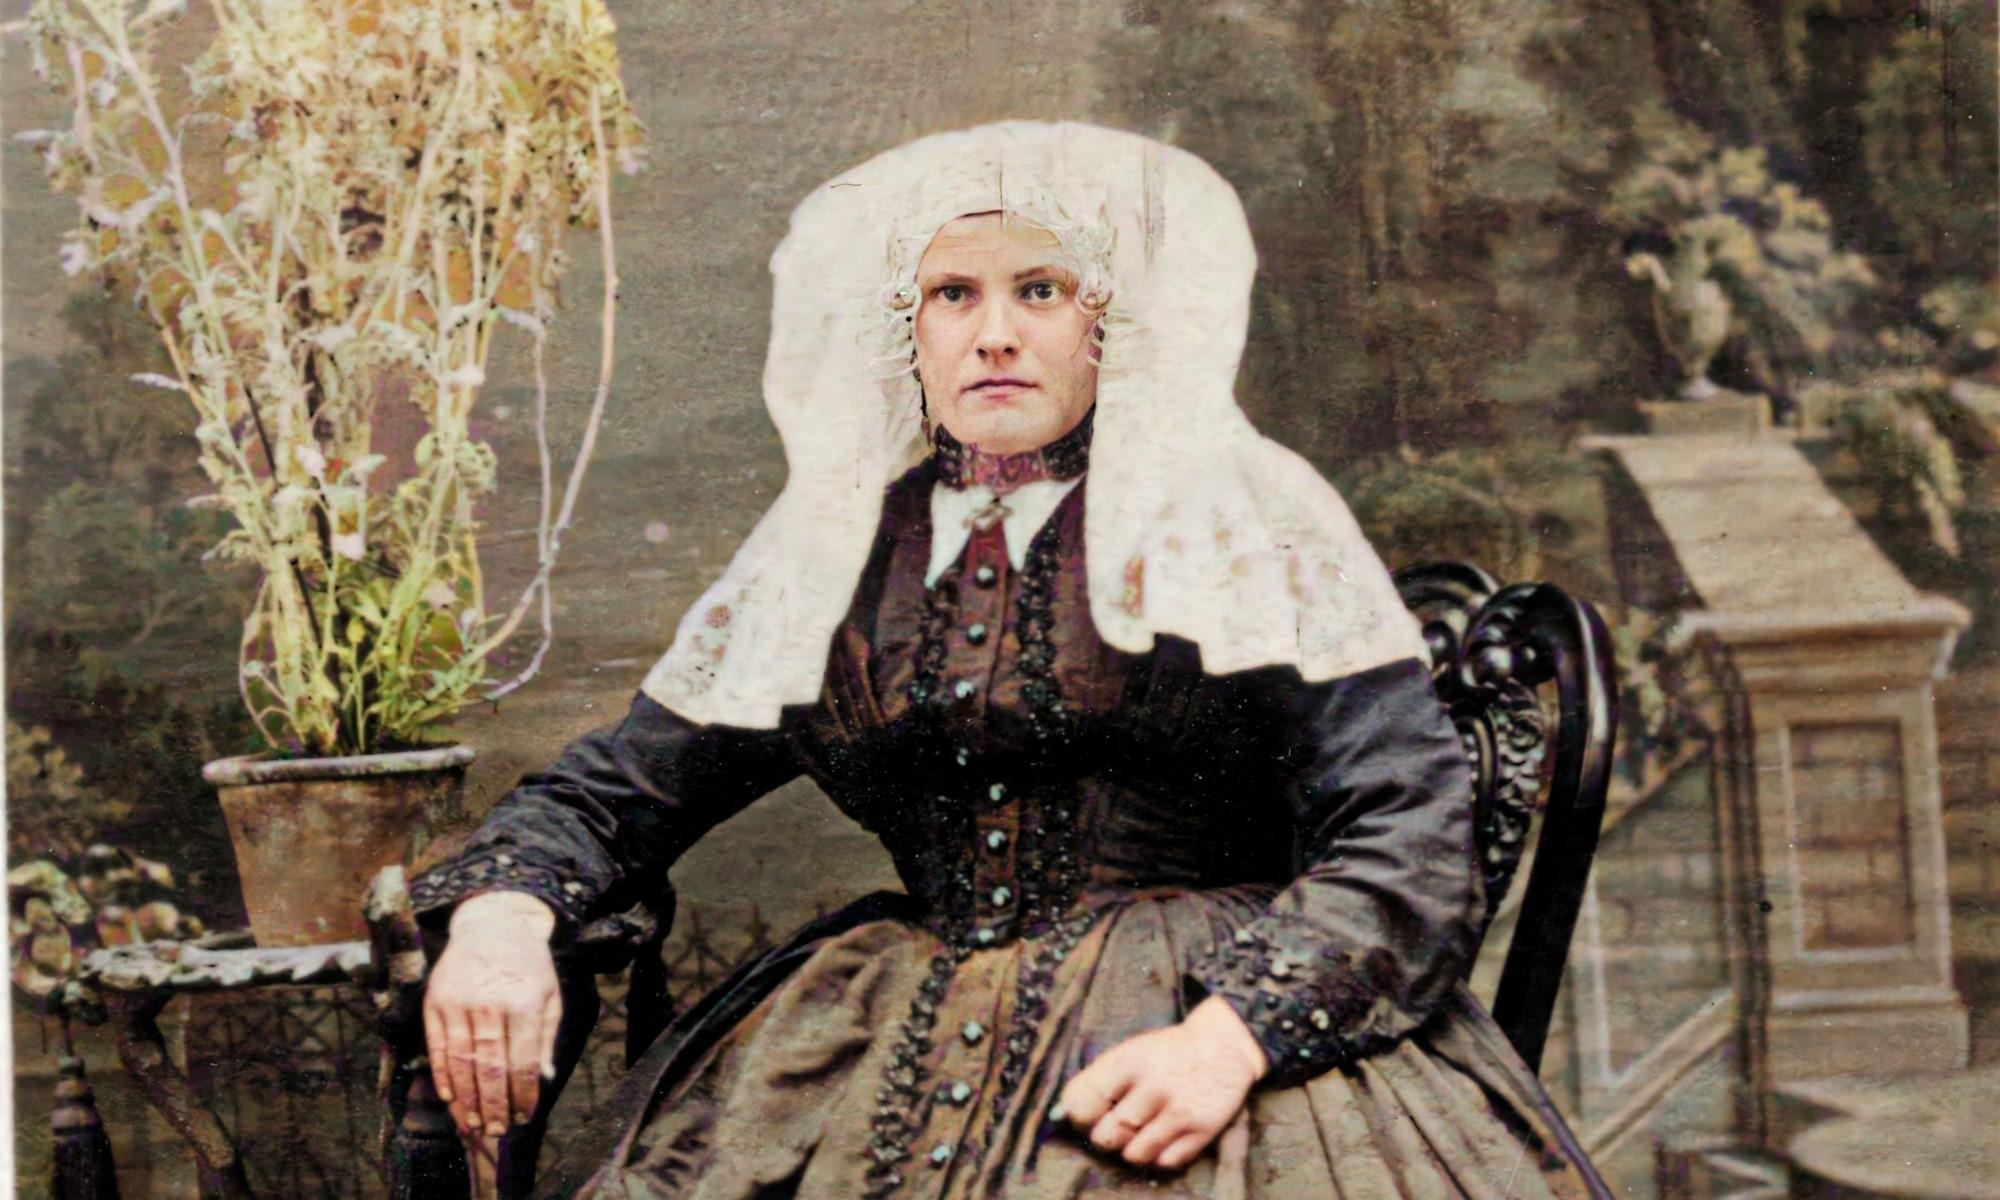 Martine Zoeteman